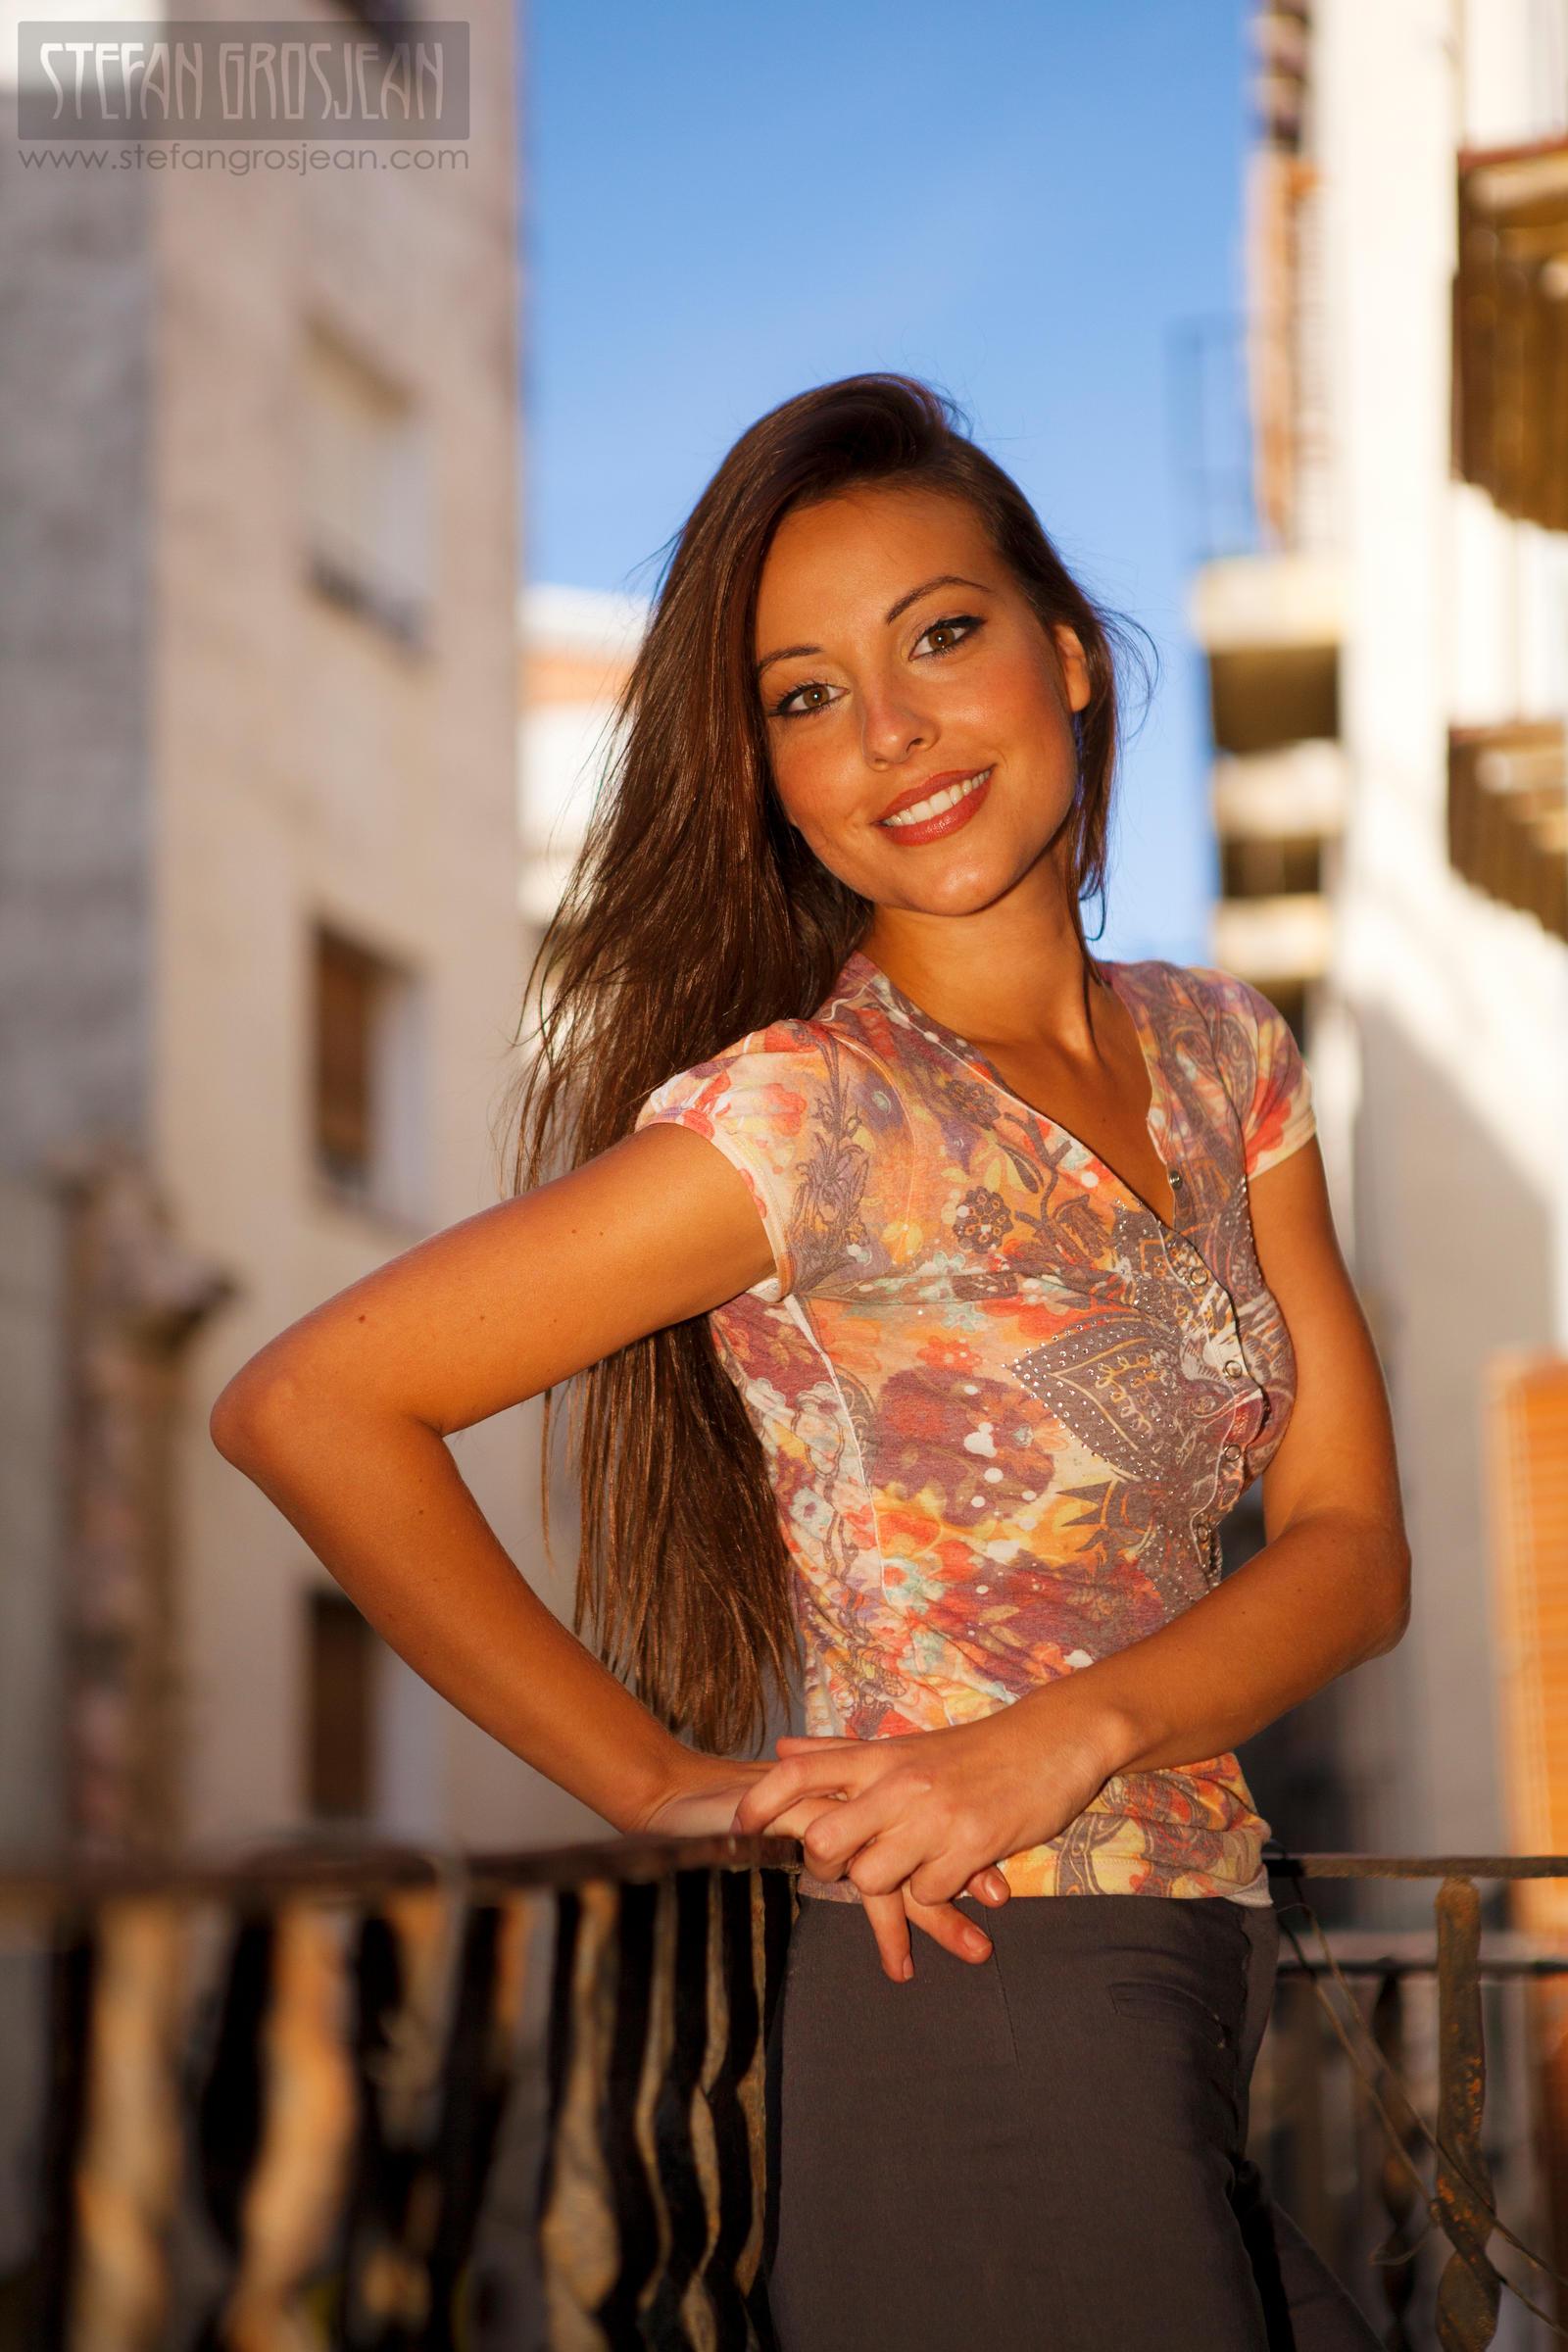 Lorena by stefangrosjean